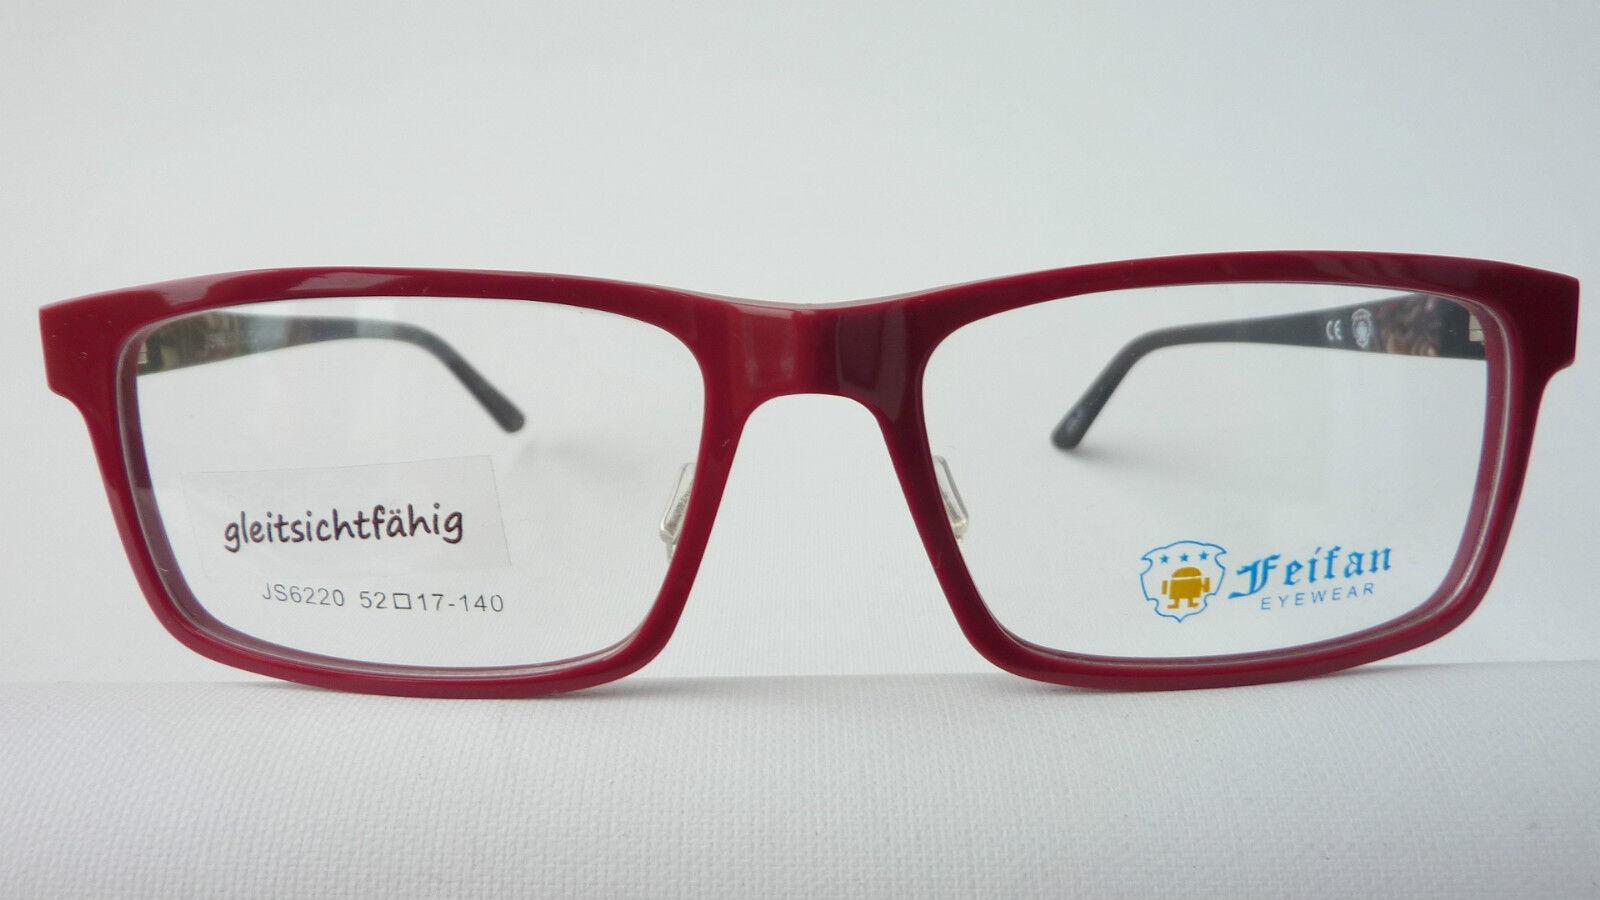 J. Seifen rote Männerbrille Acetatfassung schwarzer Bügel Bügel Bügel Top-Design Trend GrößeM | Shopping Online  973047